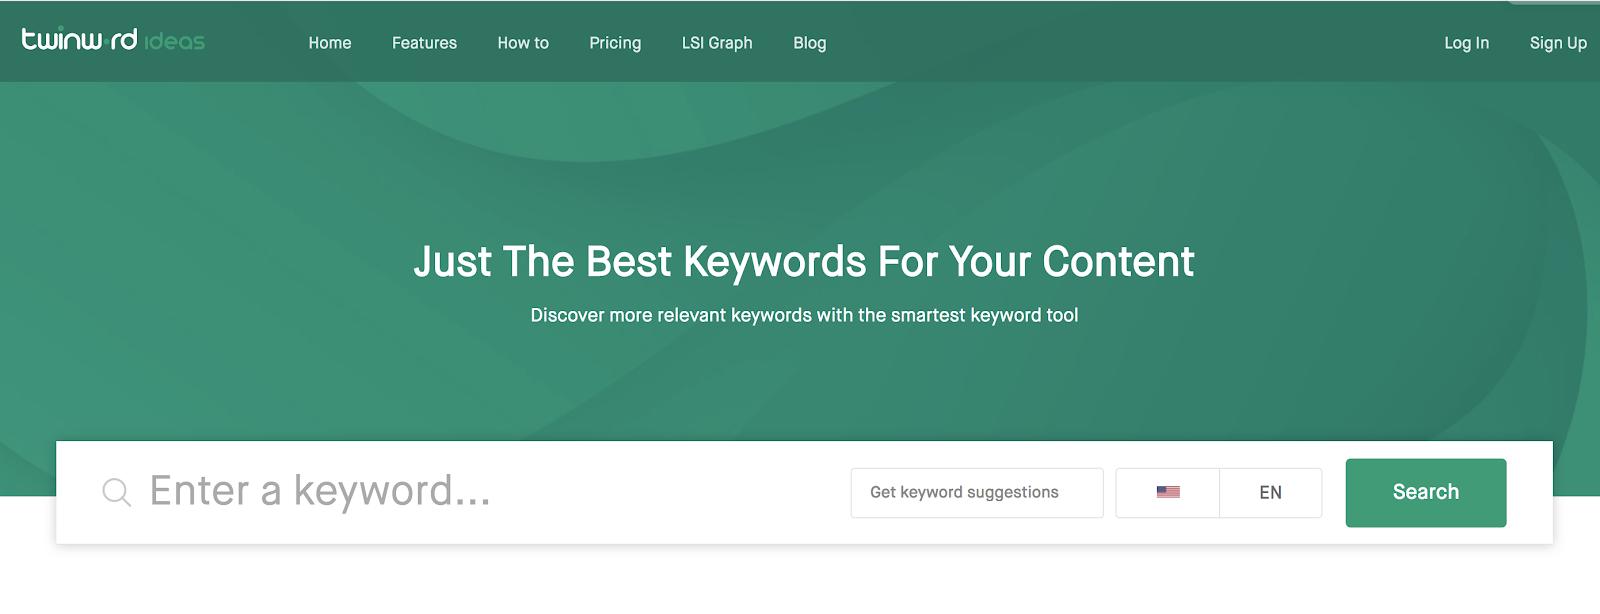 Twinword Ideas Strumento gratuito per la ricerca di parole chiave per i blogger